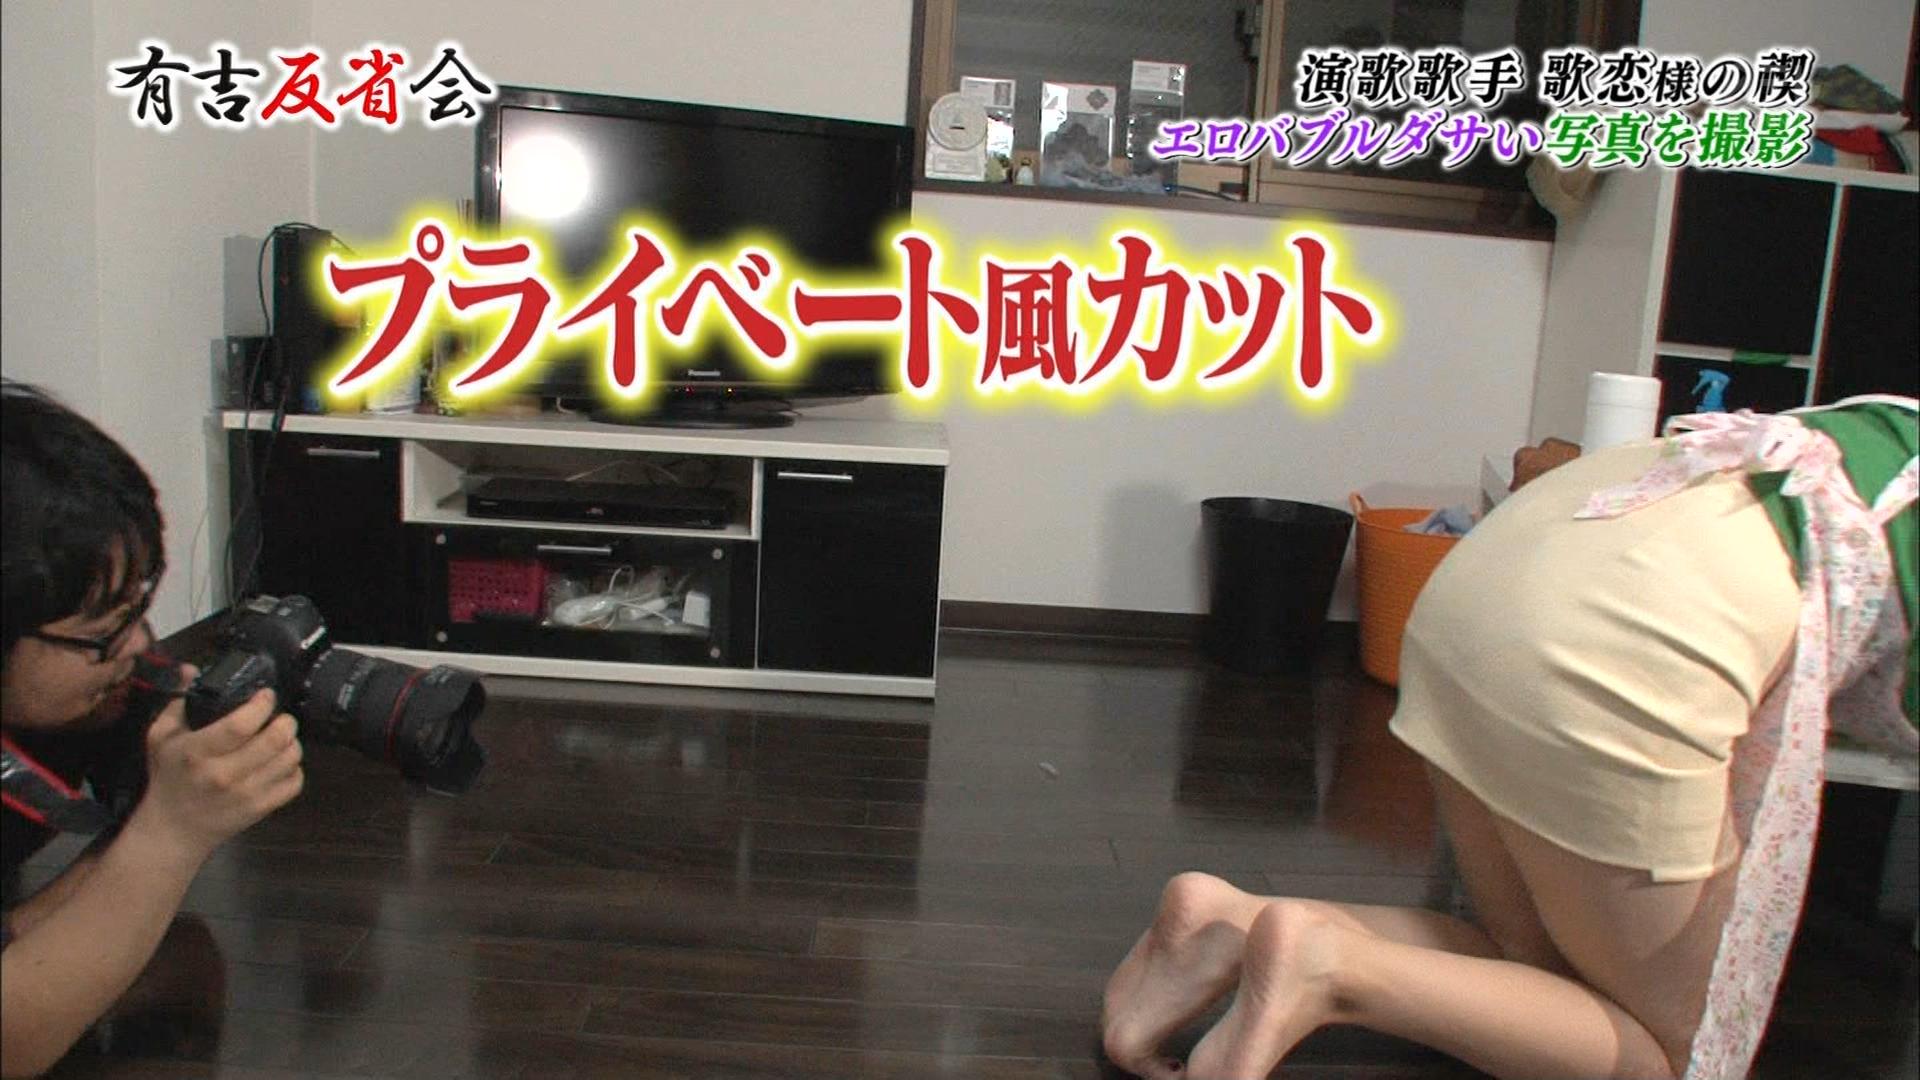 歌恋(24)巨乳演歌歌手の有吉反省会エロキャプ画像33枚・22枚目の画像